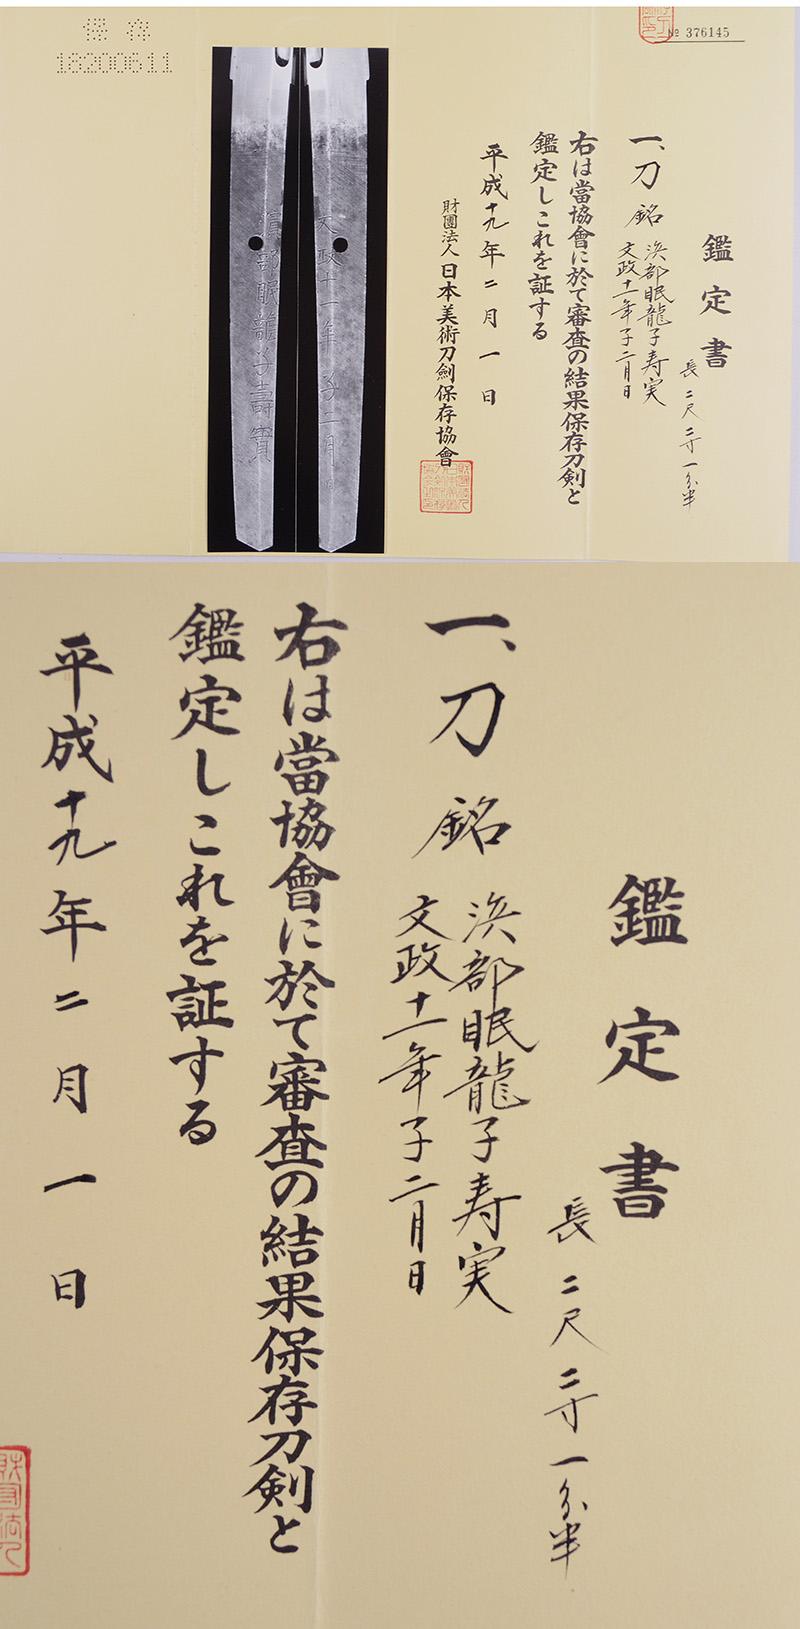 刀 浜部眼龍子寿実 Picture of Certificate